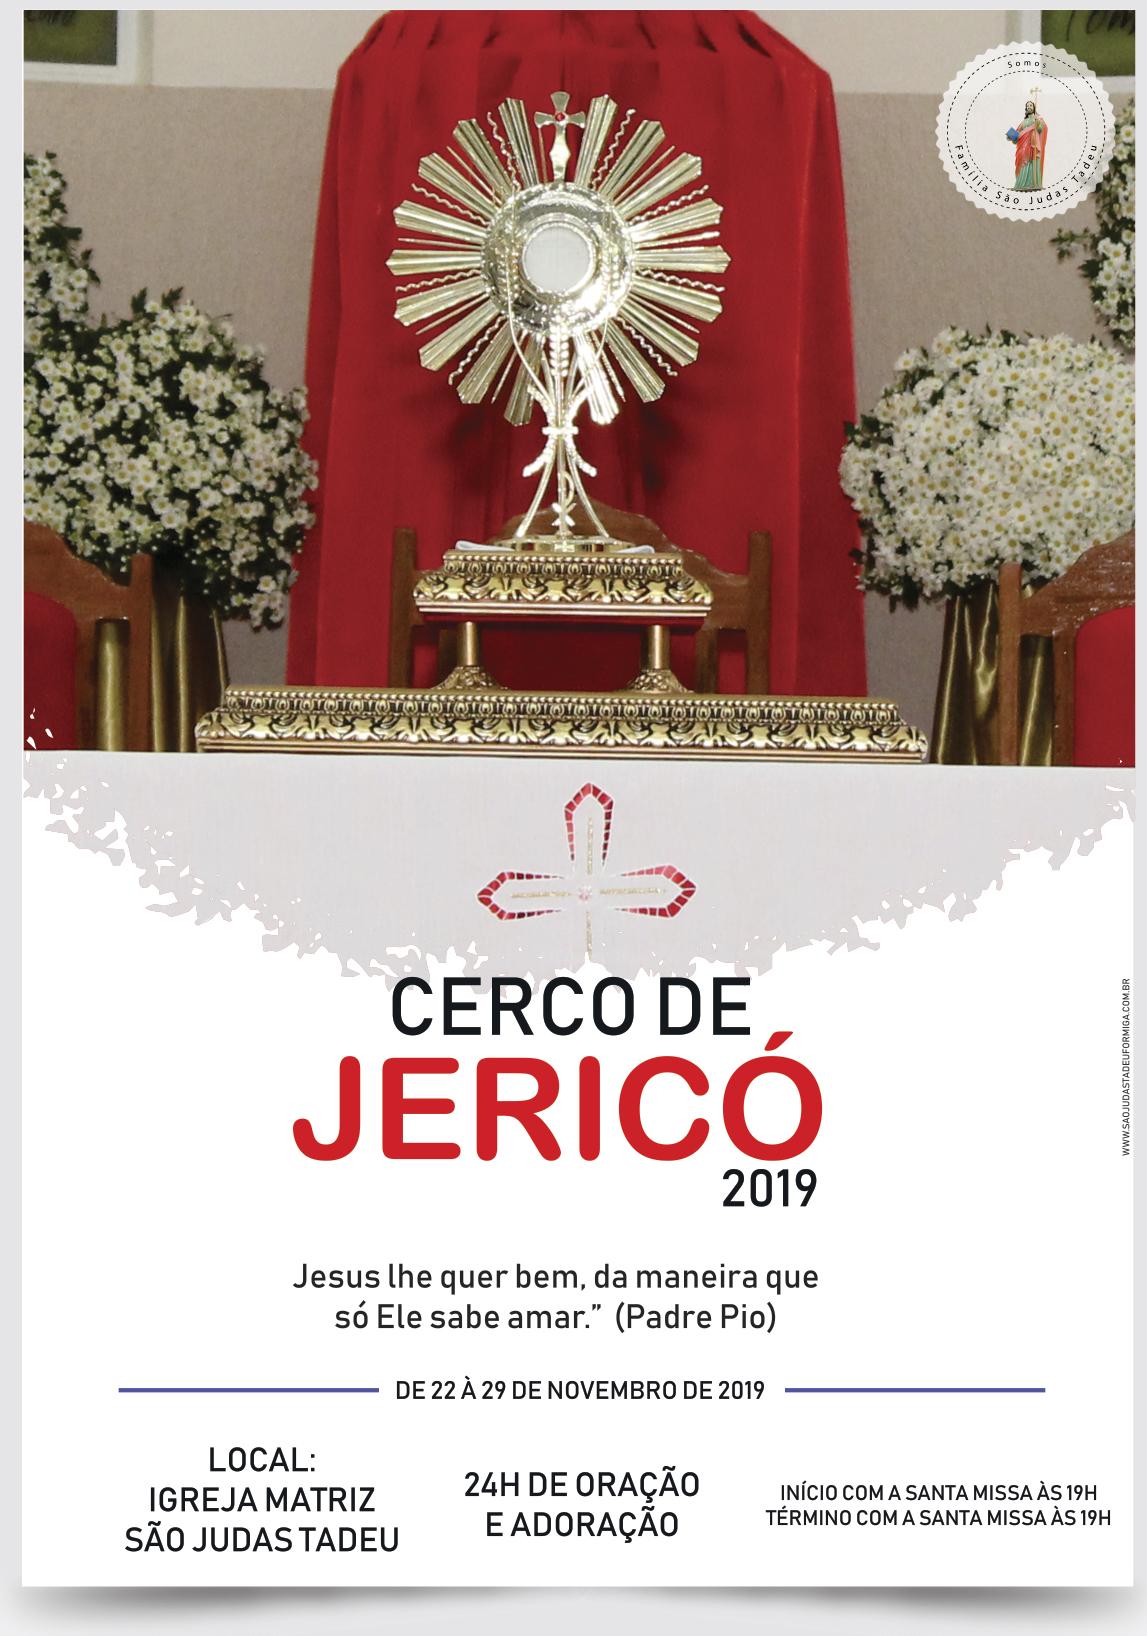 cerco-de-jerico-2019